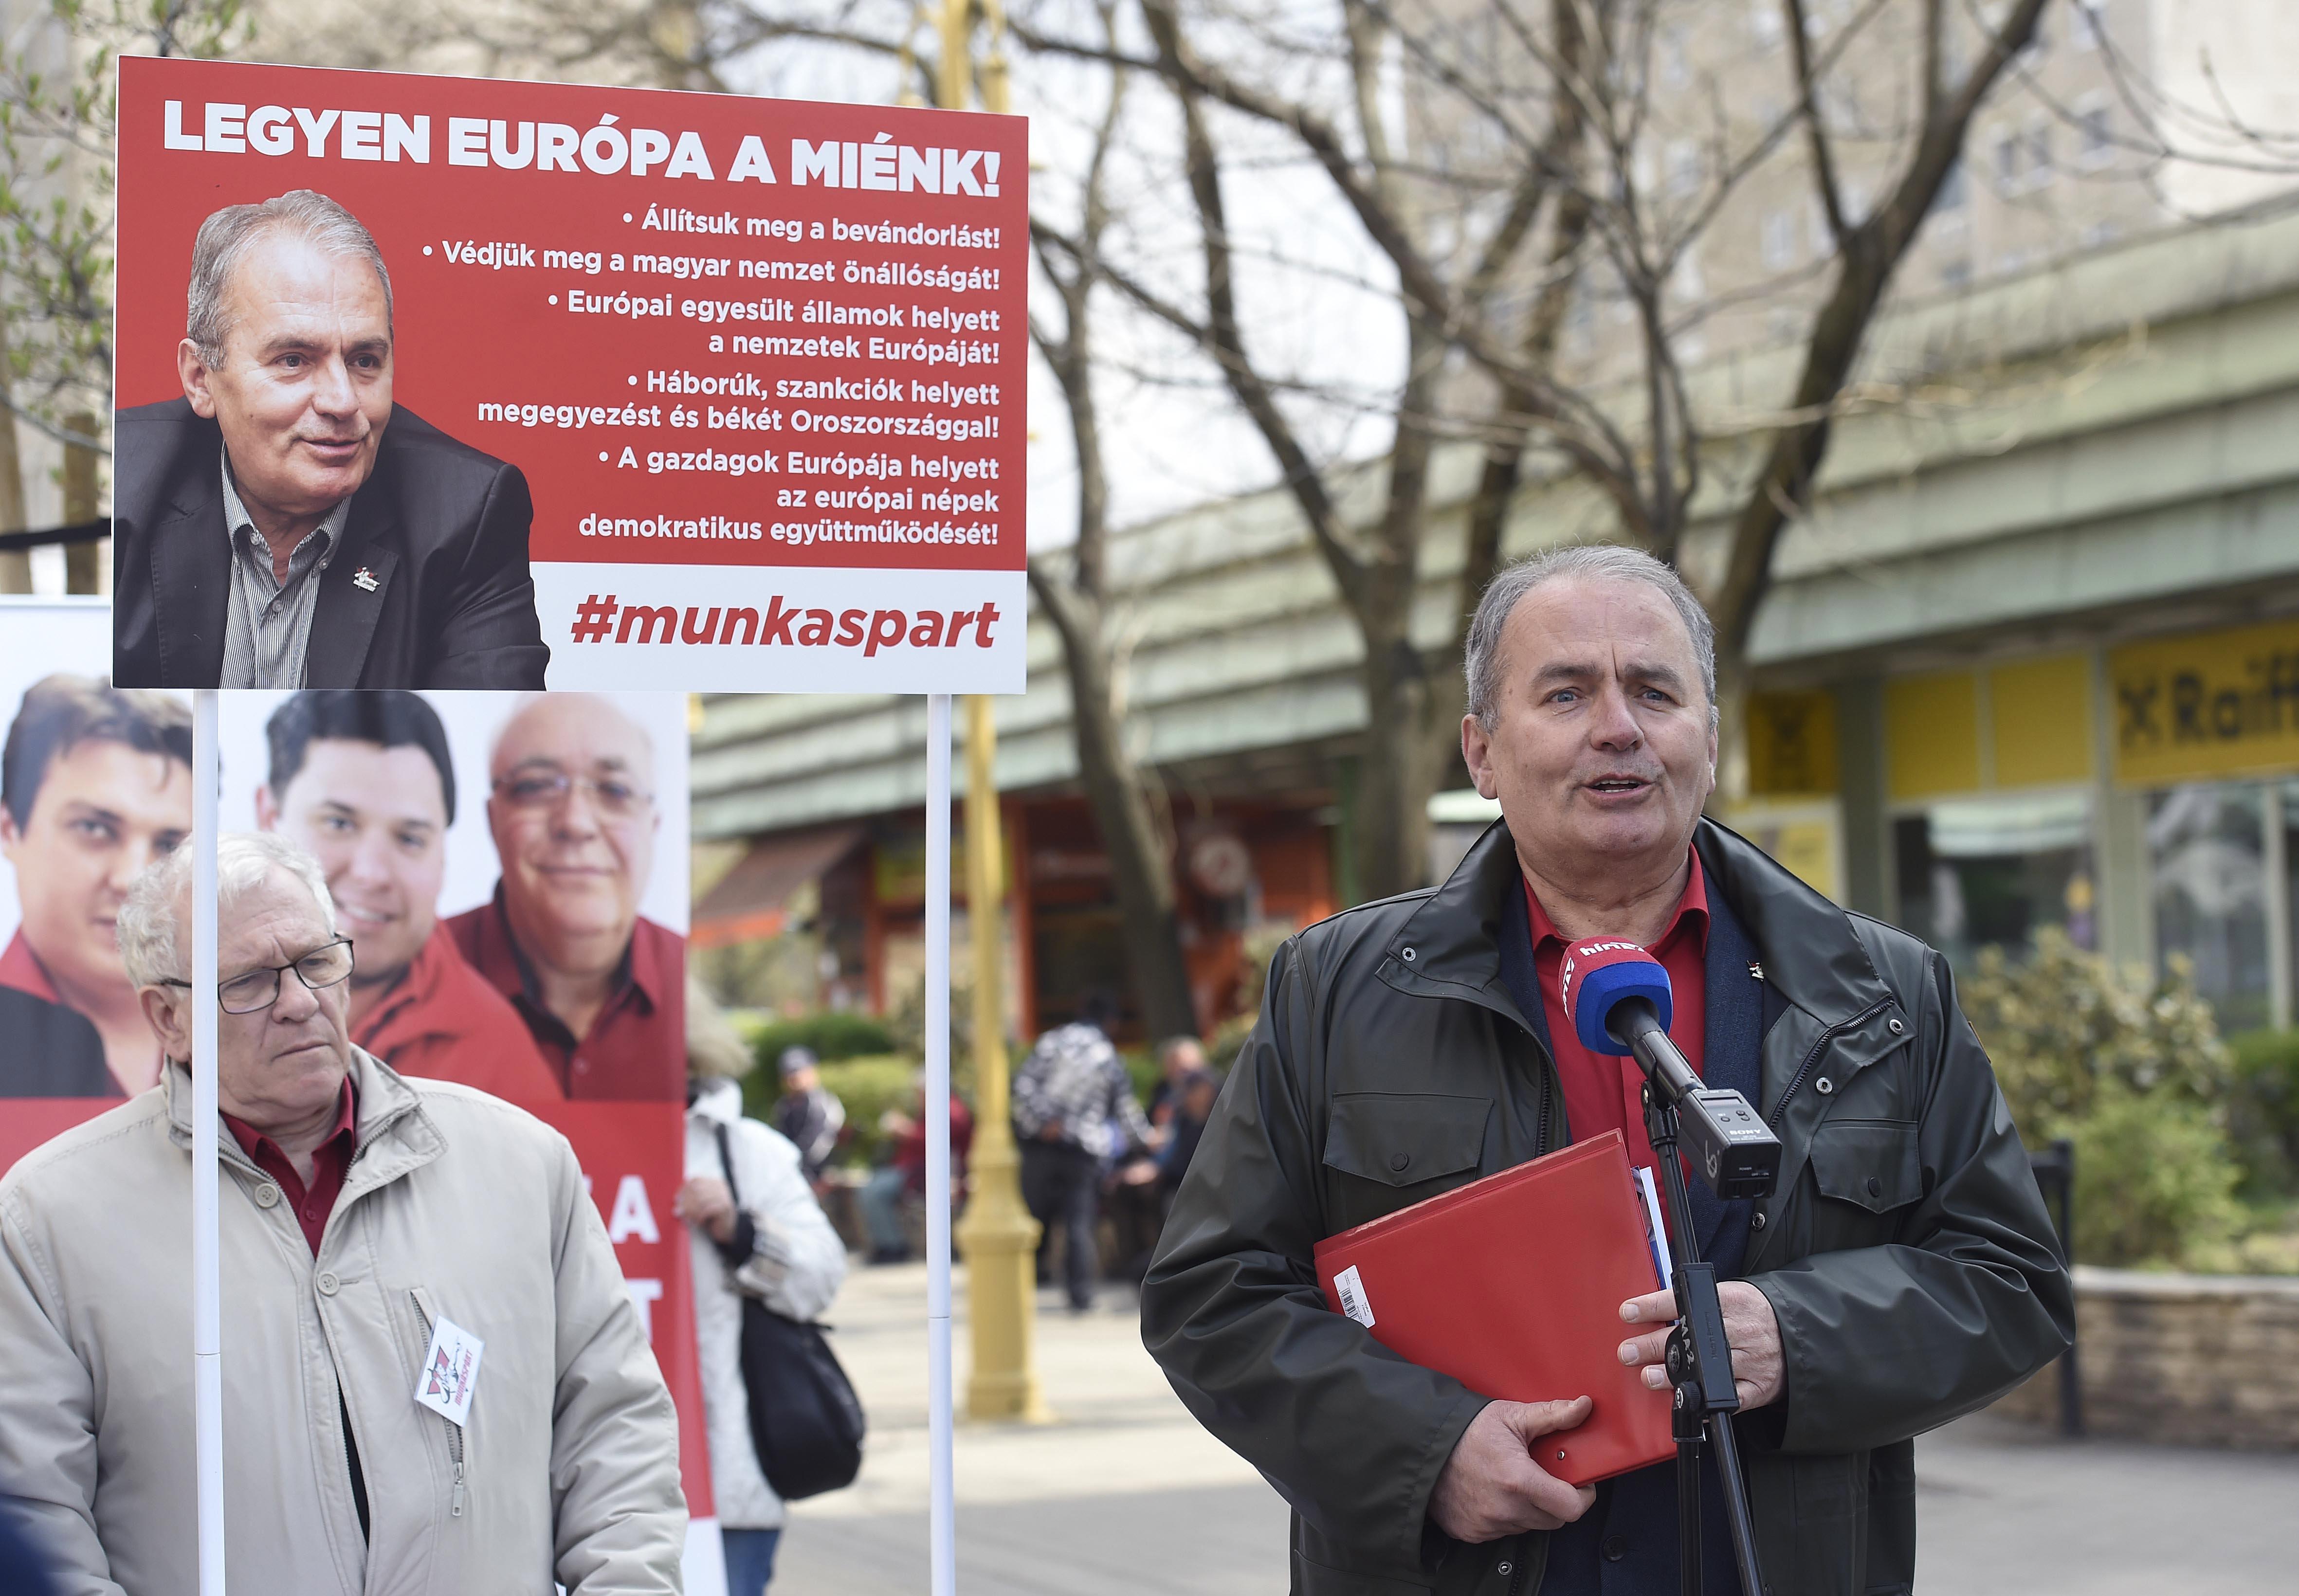 Thürmer Gyula gyakorlatilag a Fidesz EP-választási programjával kampányol